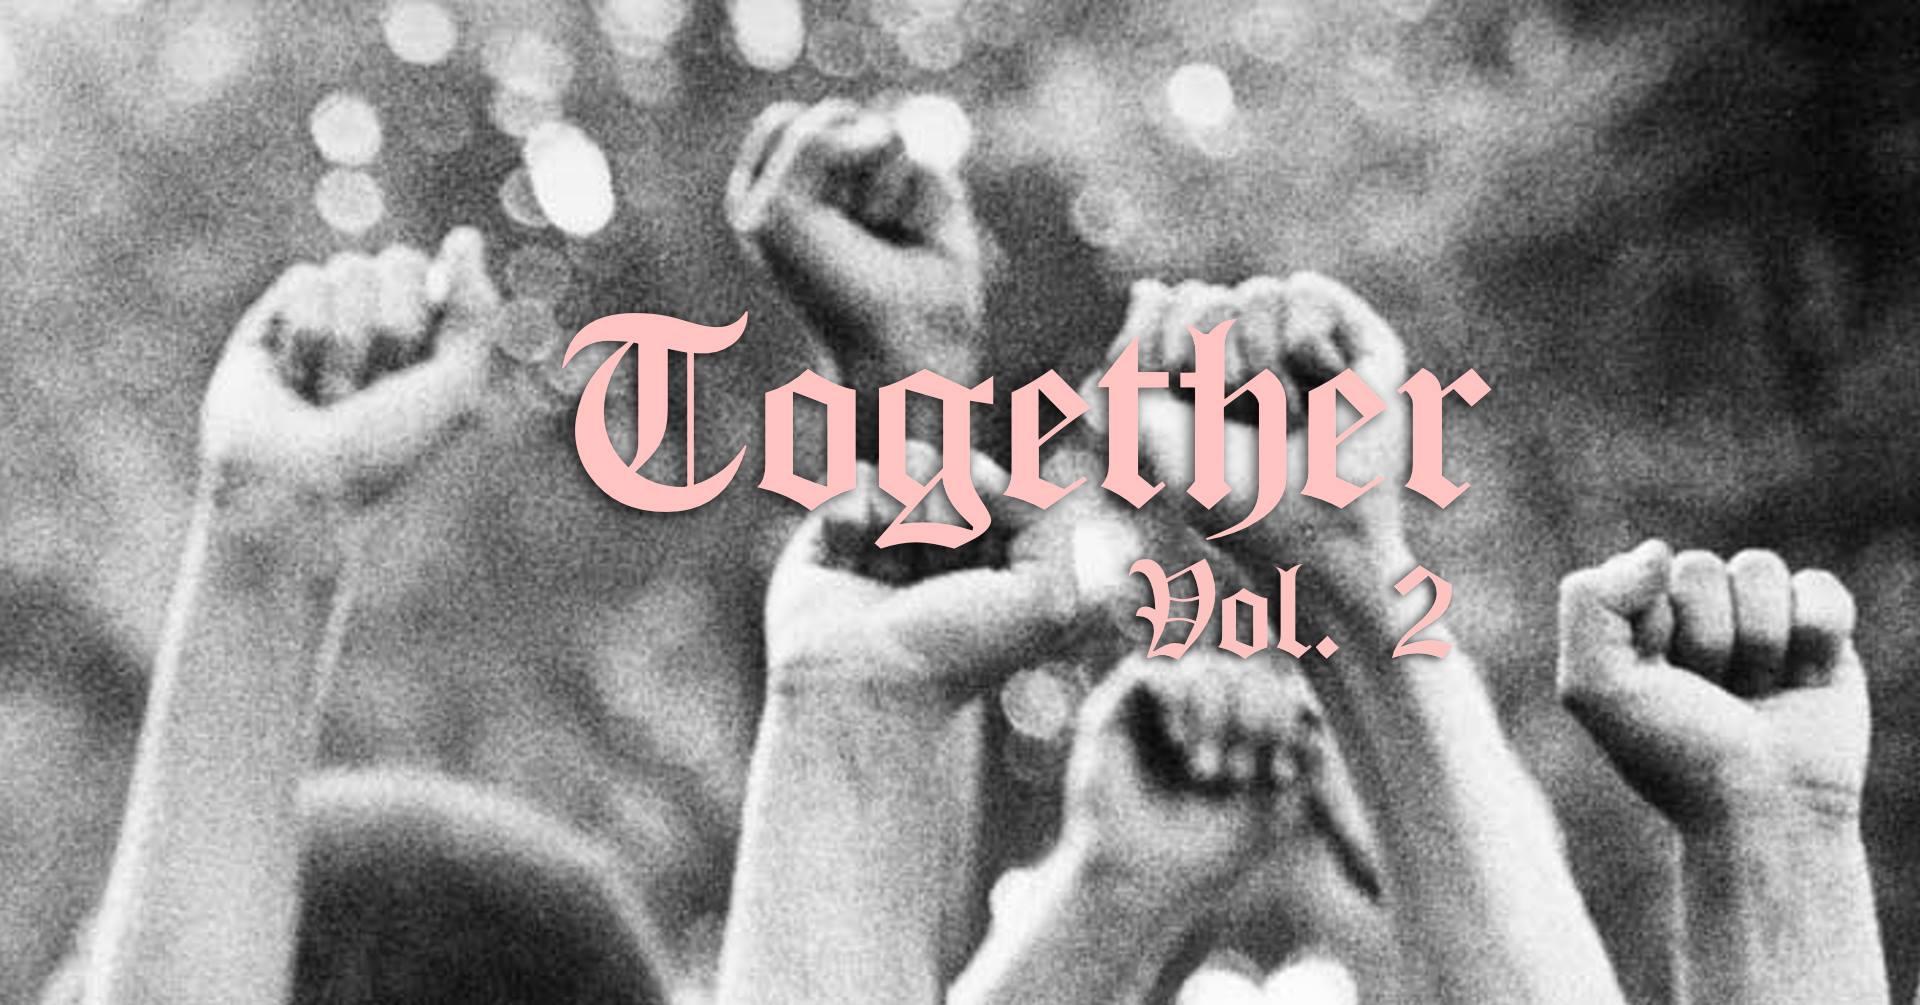 Together Vol. 2